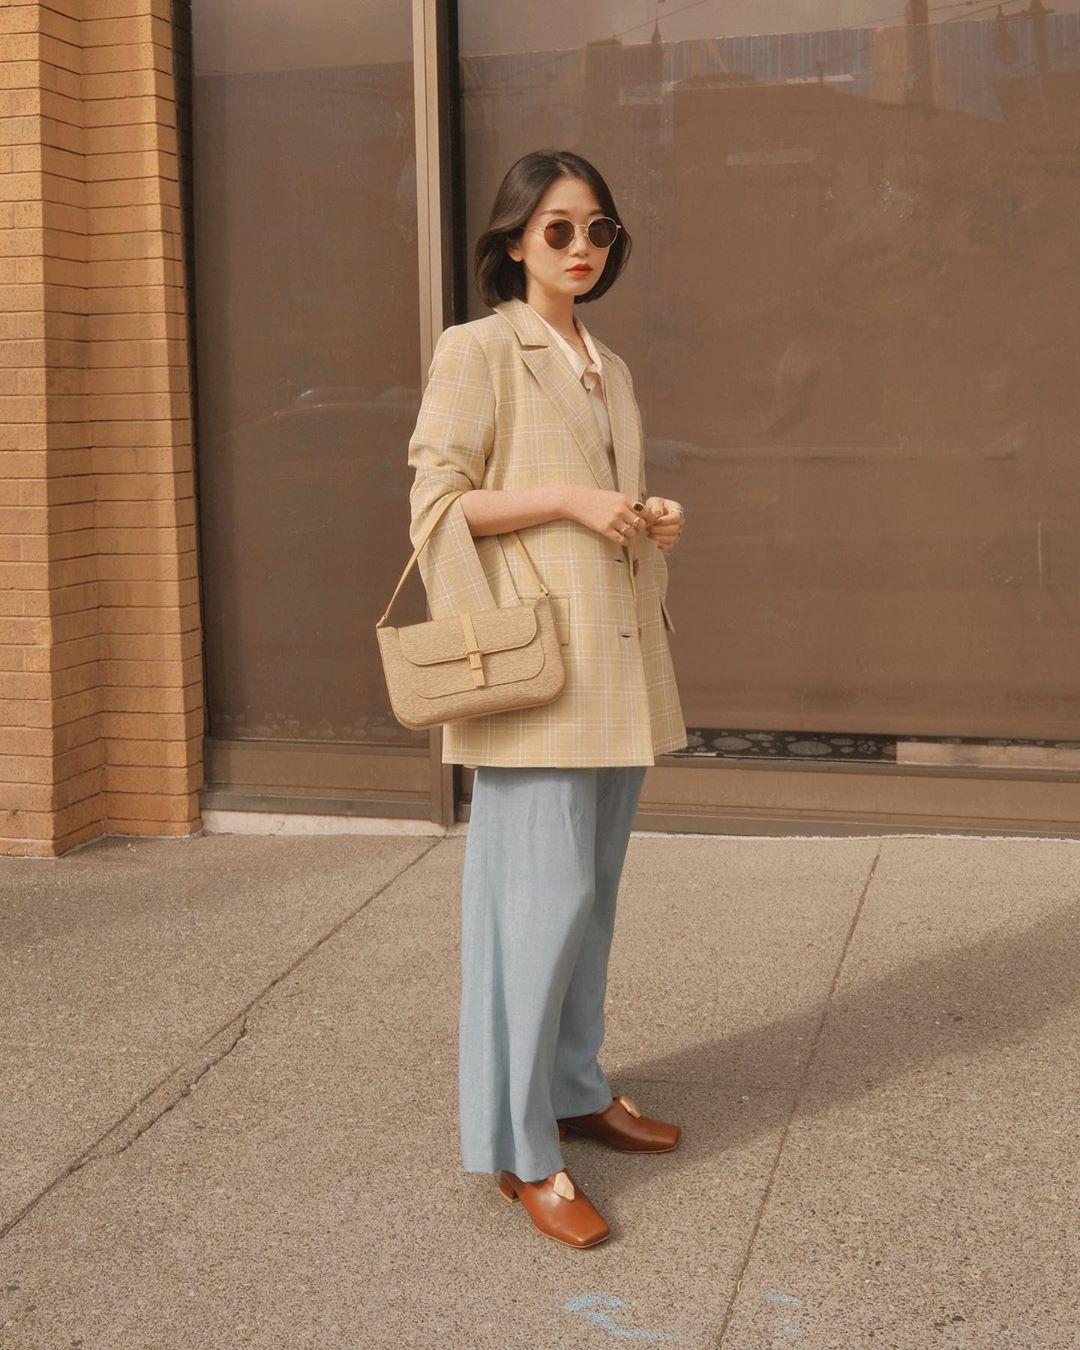 cách phối màu công sở theo tính chất công việc trang phục với những màu sắc ngọt ngào